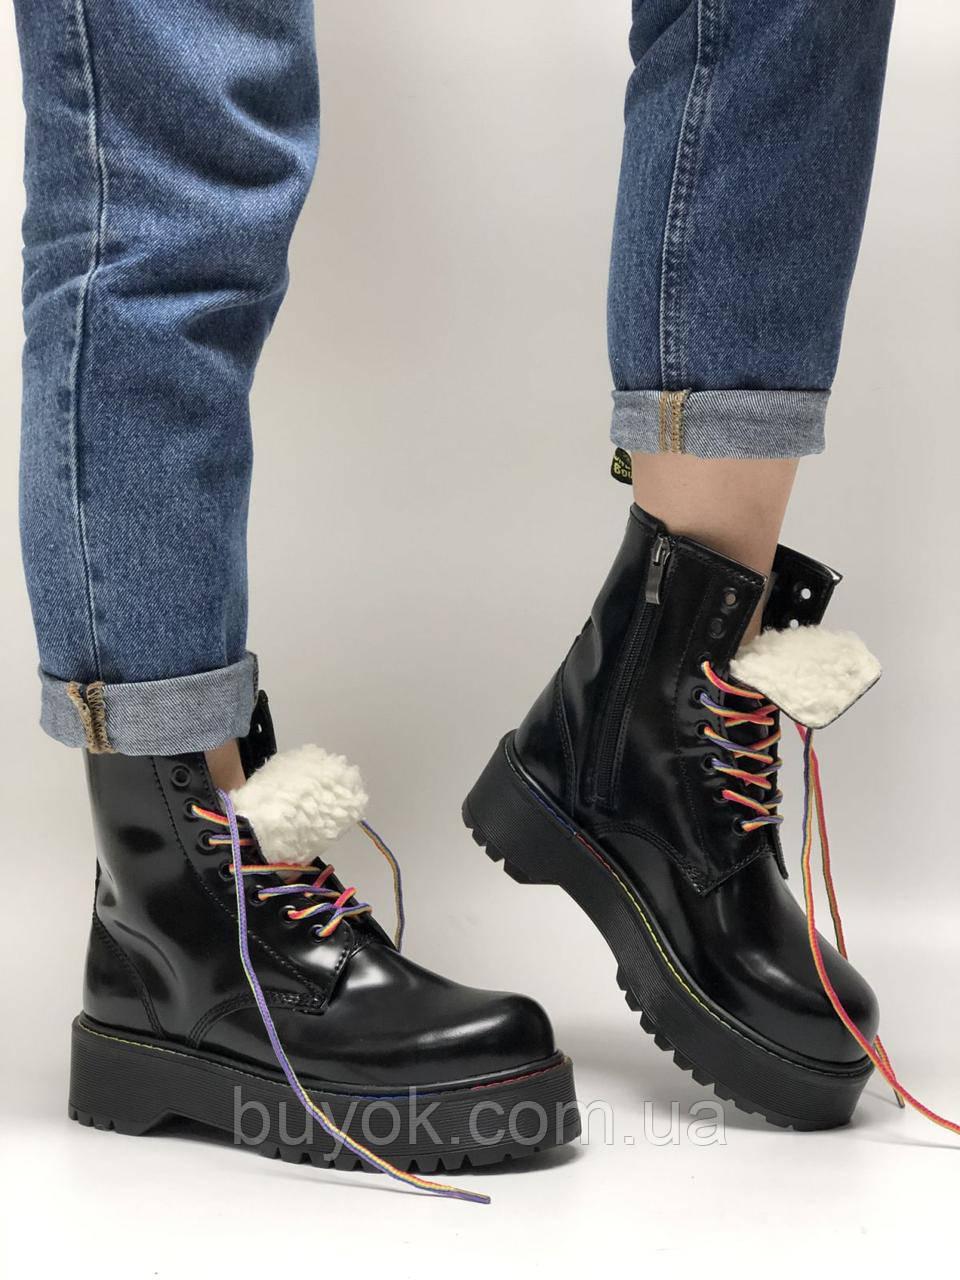 Зимові жіночі черевики Dr. Martens Jadon Rainbow з хутром (жіночі Ін Мартенс Джейдон Веселка)